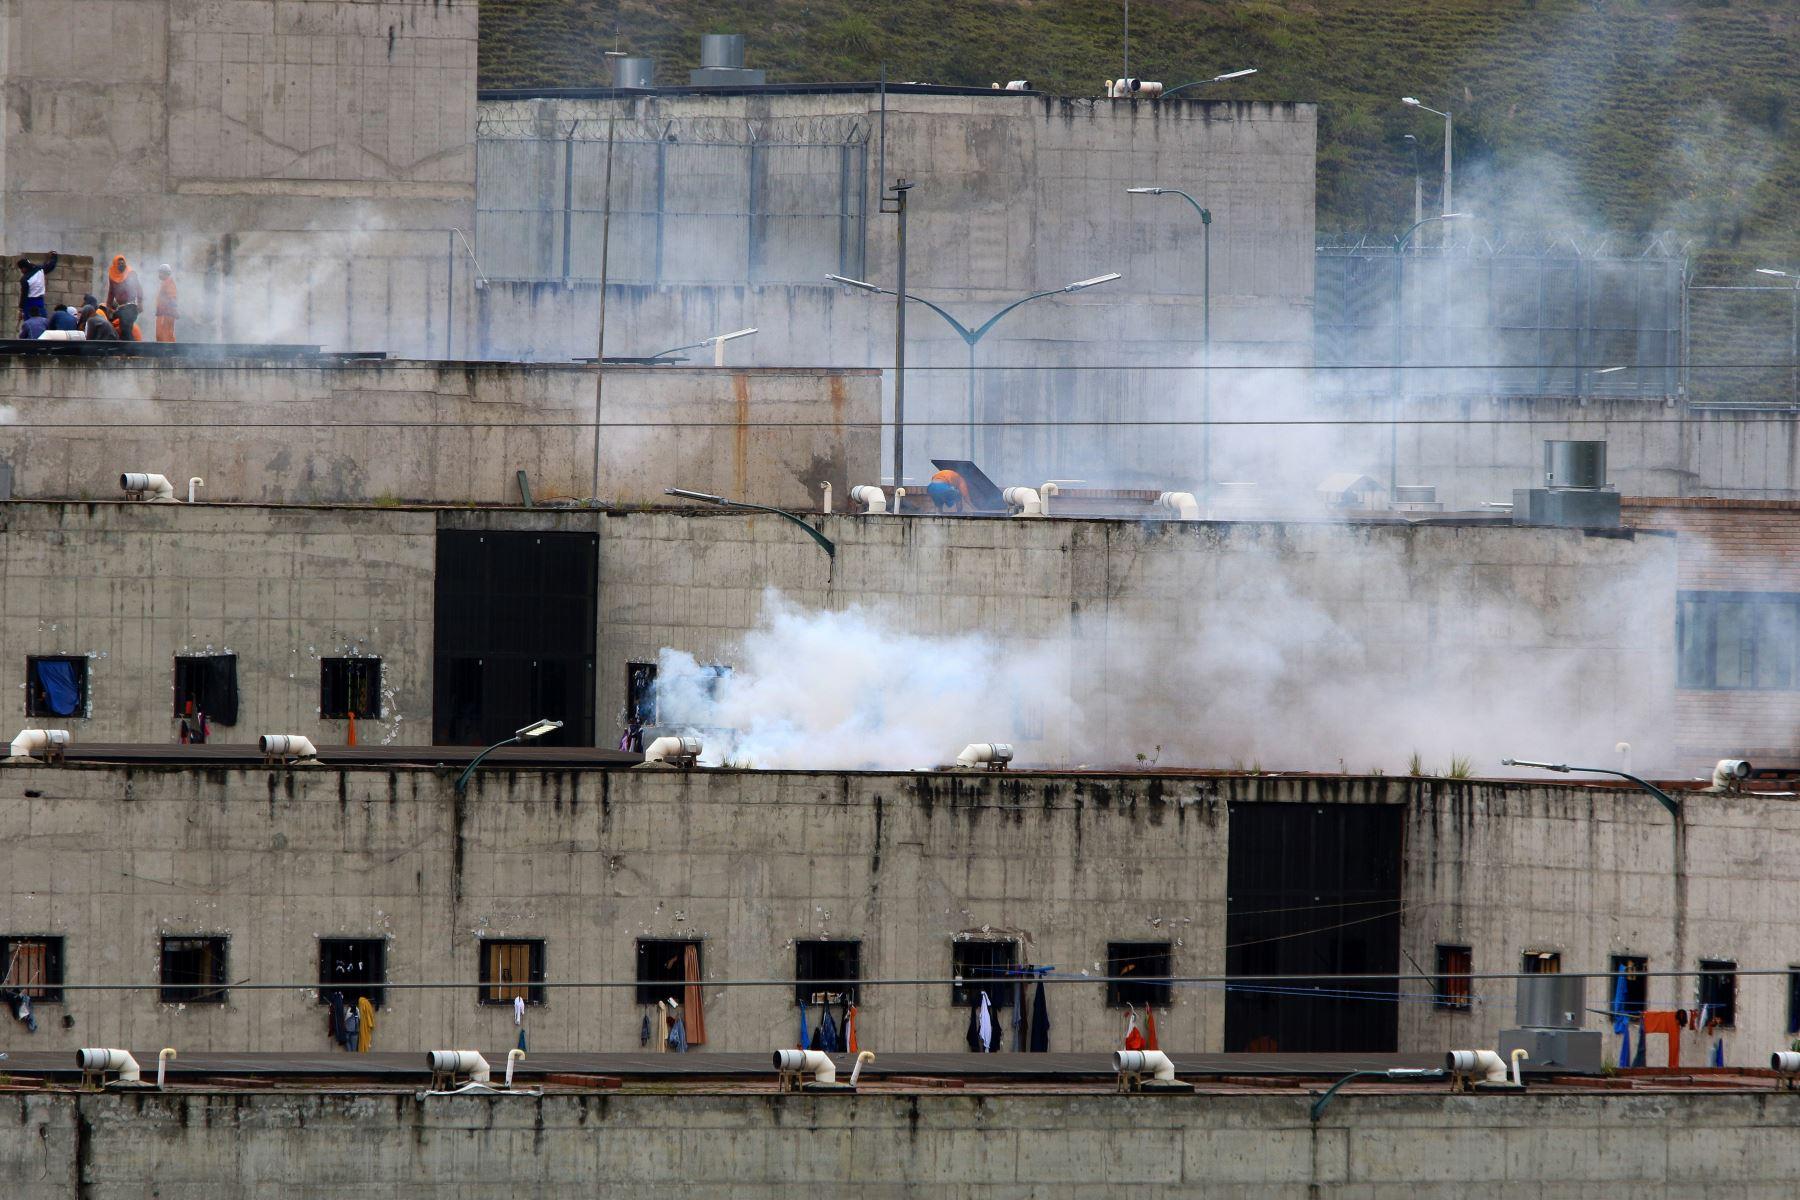 Vista de la cárcel del el Turi hoy, en la ciudad de Cuenca (Ecuador). Más de 50 reclusos murieron  en una serie de amotinamientos ocurridos en tres prisiones de varias ciudades de Ecuador. Foto : EFE